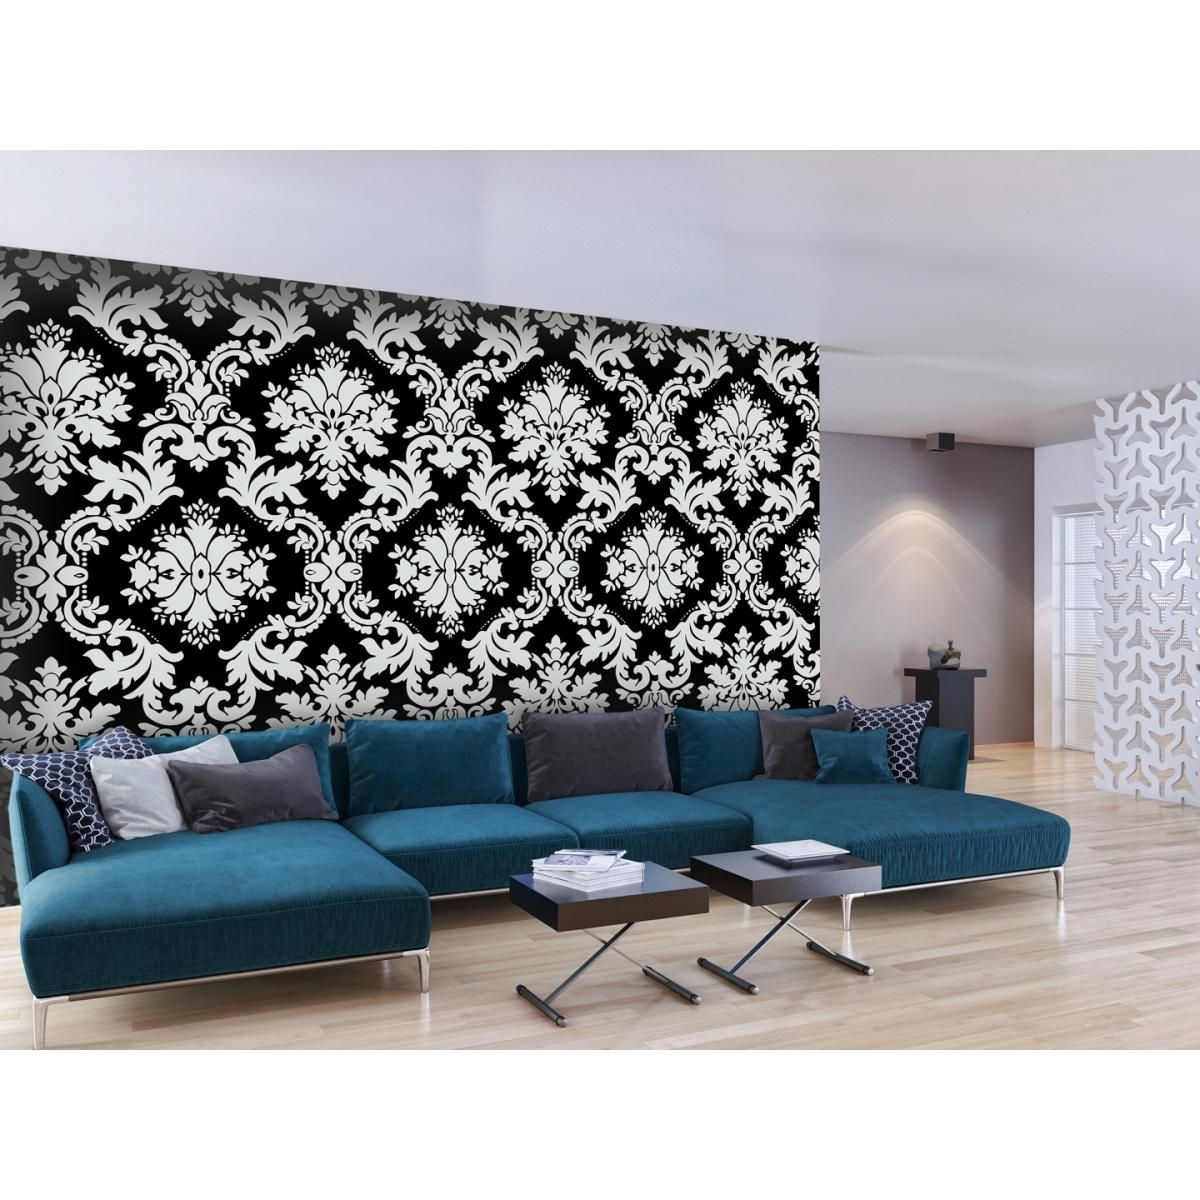 deko - Fantastisch Attraktive Dekoration Fototapete Nach Mas